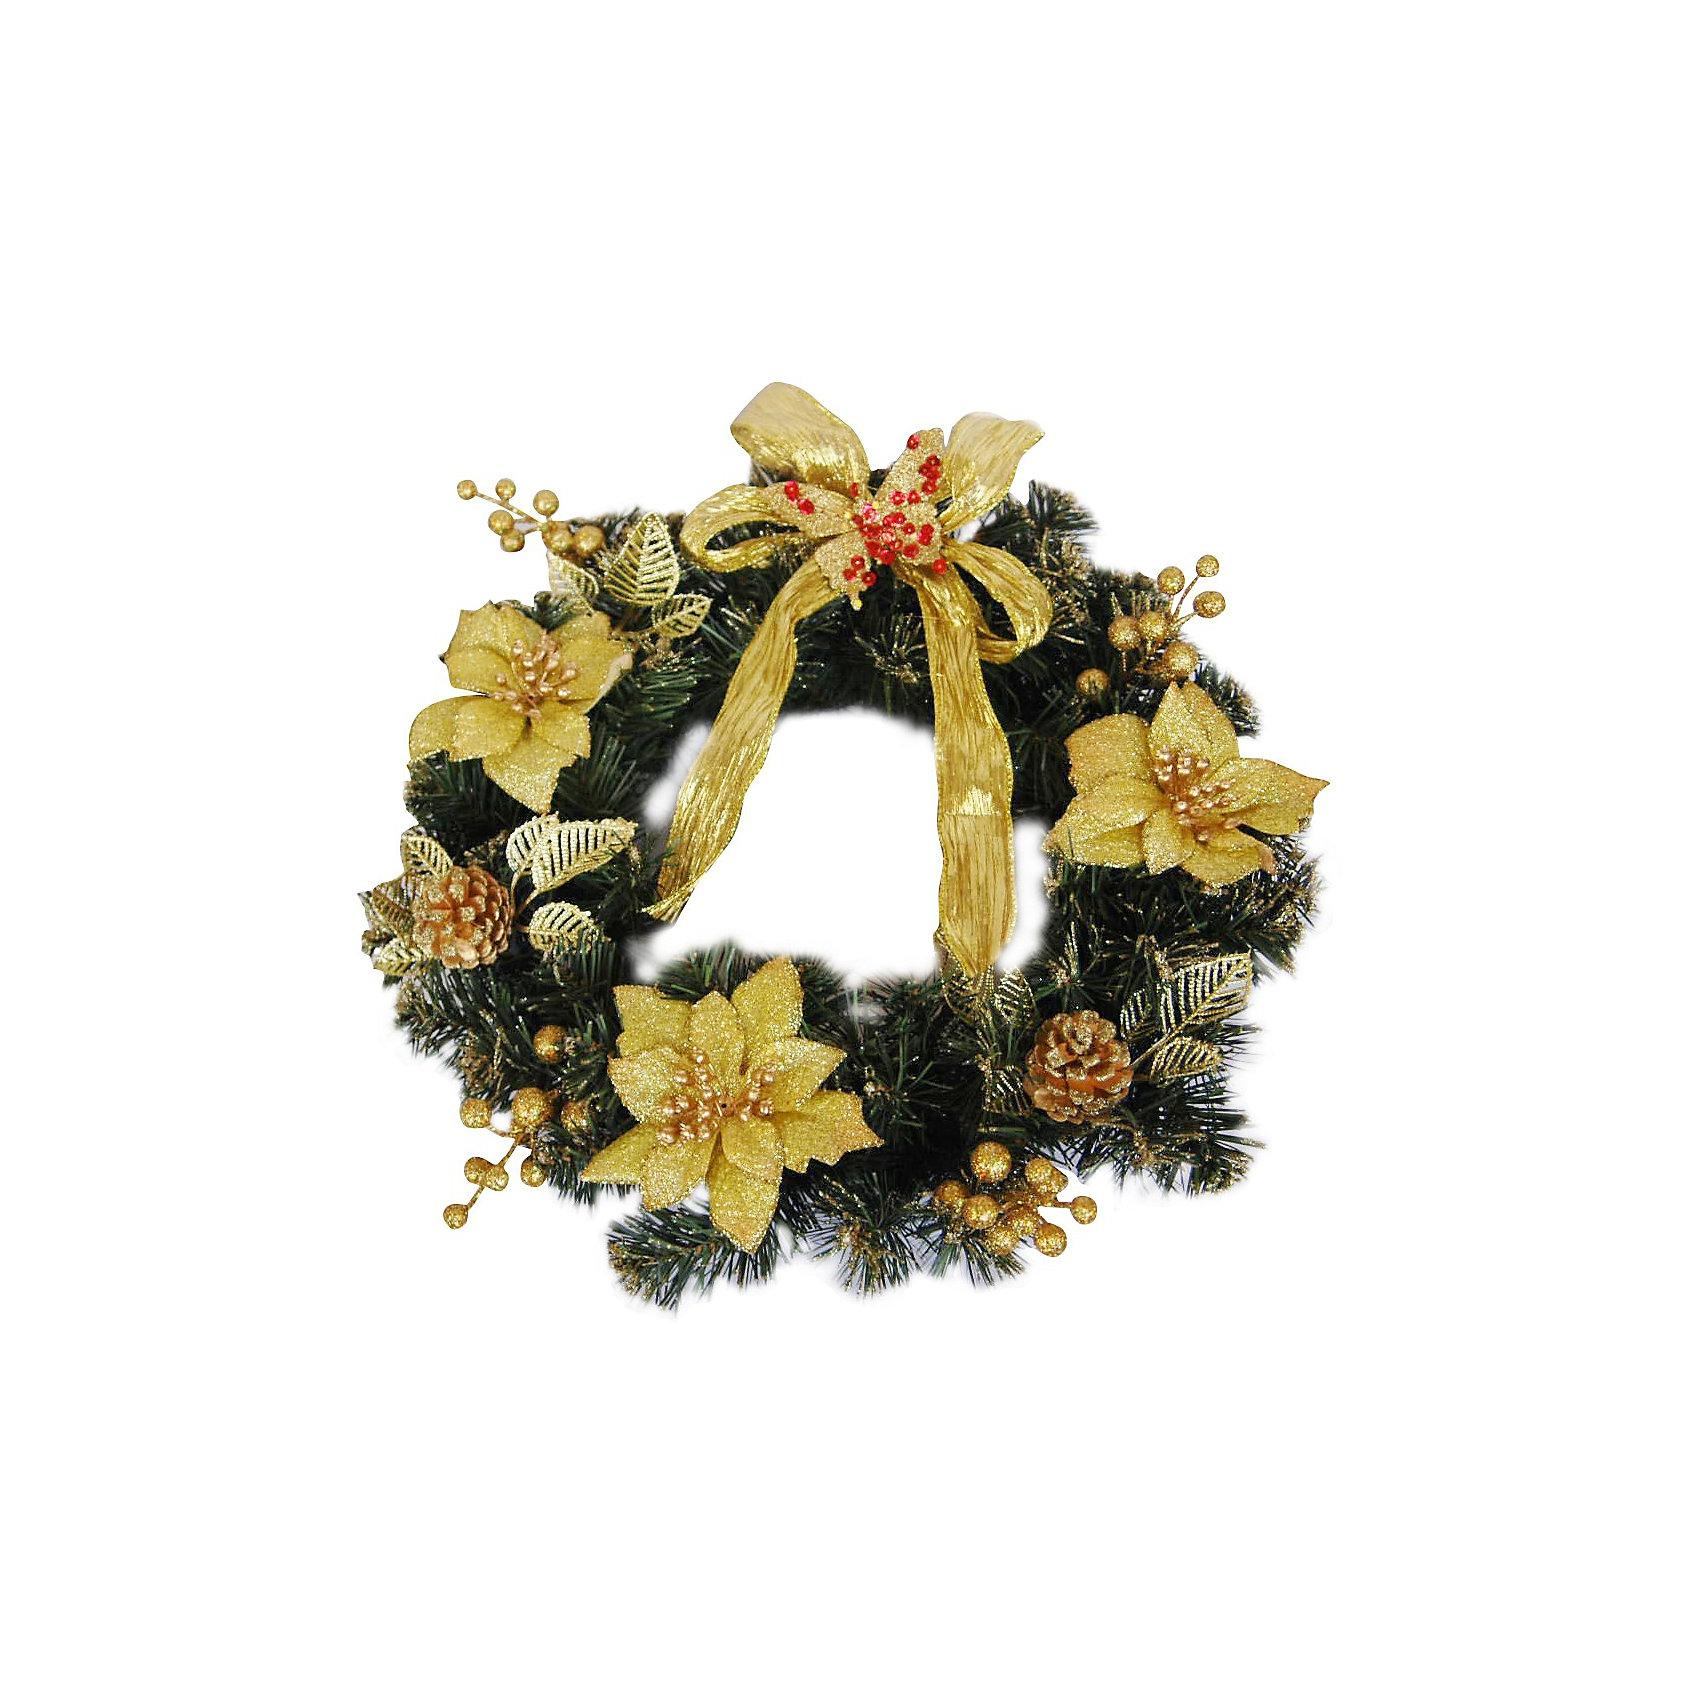 Венок рождественский, 40 см, золотые украшенияВенок рождественский, Волшебная страна станет замечательным украшением Вашего интерьера и поможет создать волшебную атмосферу новогодних и рождественских<br>праздников. Нарядный, искусно выполненный венок в виде еловых веток украшен позолоченными цветами, шишками и ленточками. Венок можно повесить на двери или стены<br>комнаты, он будет чудесно смотреться и радовать детей и взрослых. <br><br>Дополнительная информация:<br><br>- Цвет украшений: золотой.<br>- Диаметр венка: 40 см.<br>- Размер упаковки: 38 х 39 х 11,5 см.<br>- Вес: 0,354 кг. <br><br>Венок рождественский, Волшебная страна можно купить в нашем интернет-магазине.<br><br>Ширина мм: 660<br>Глубина мм: 390<br>Высота мм: 120<br>Вес г: 354<br>Возраст от месяцев: 60<br>Возраст до месяцев: 180<br>Пол: Унисекс<br>Возраст: Детский<br>SKU: 3791300